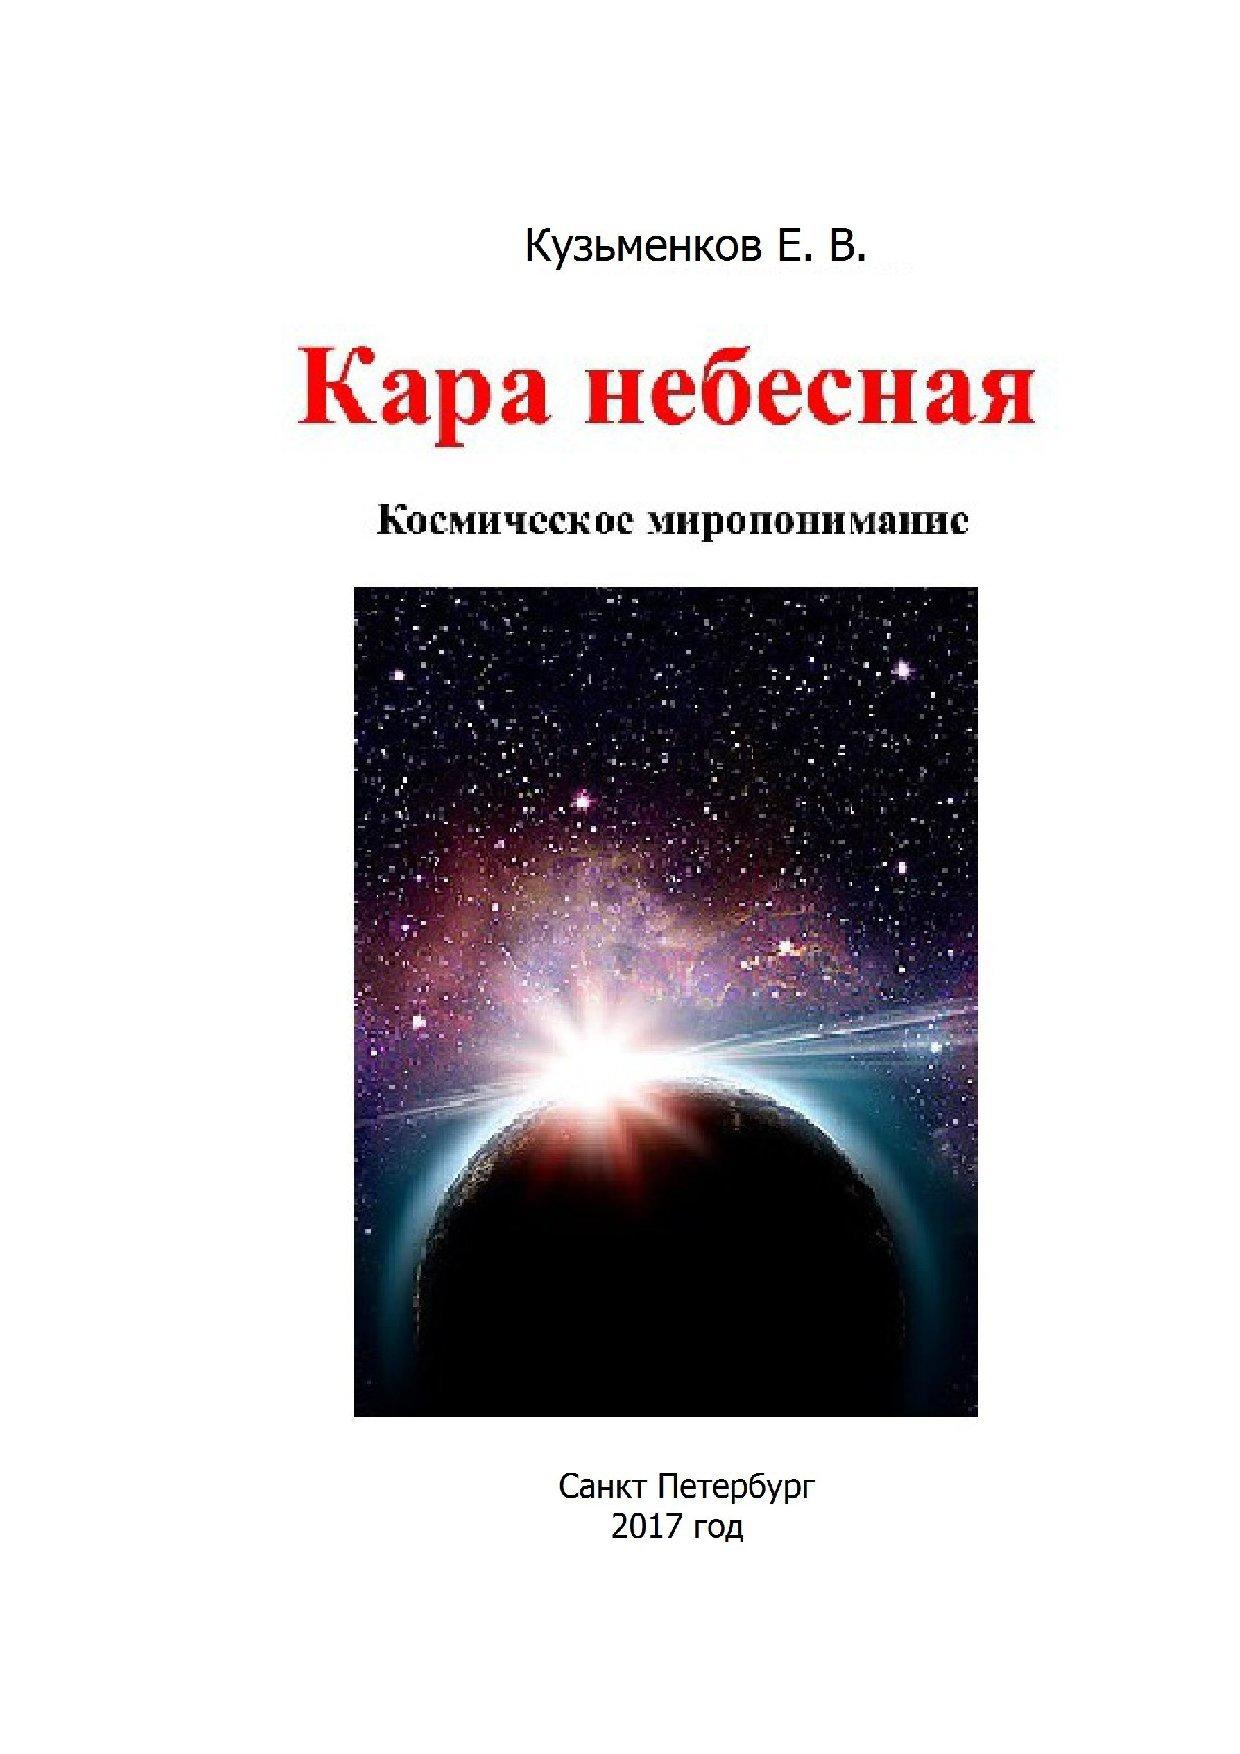 Евгений Кузьменков - Кара небесная. Космическое миропонимание